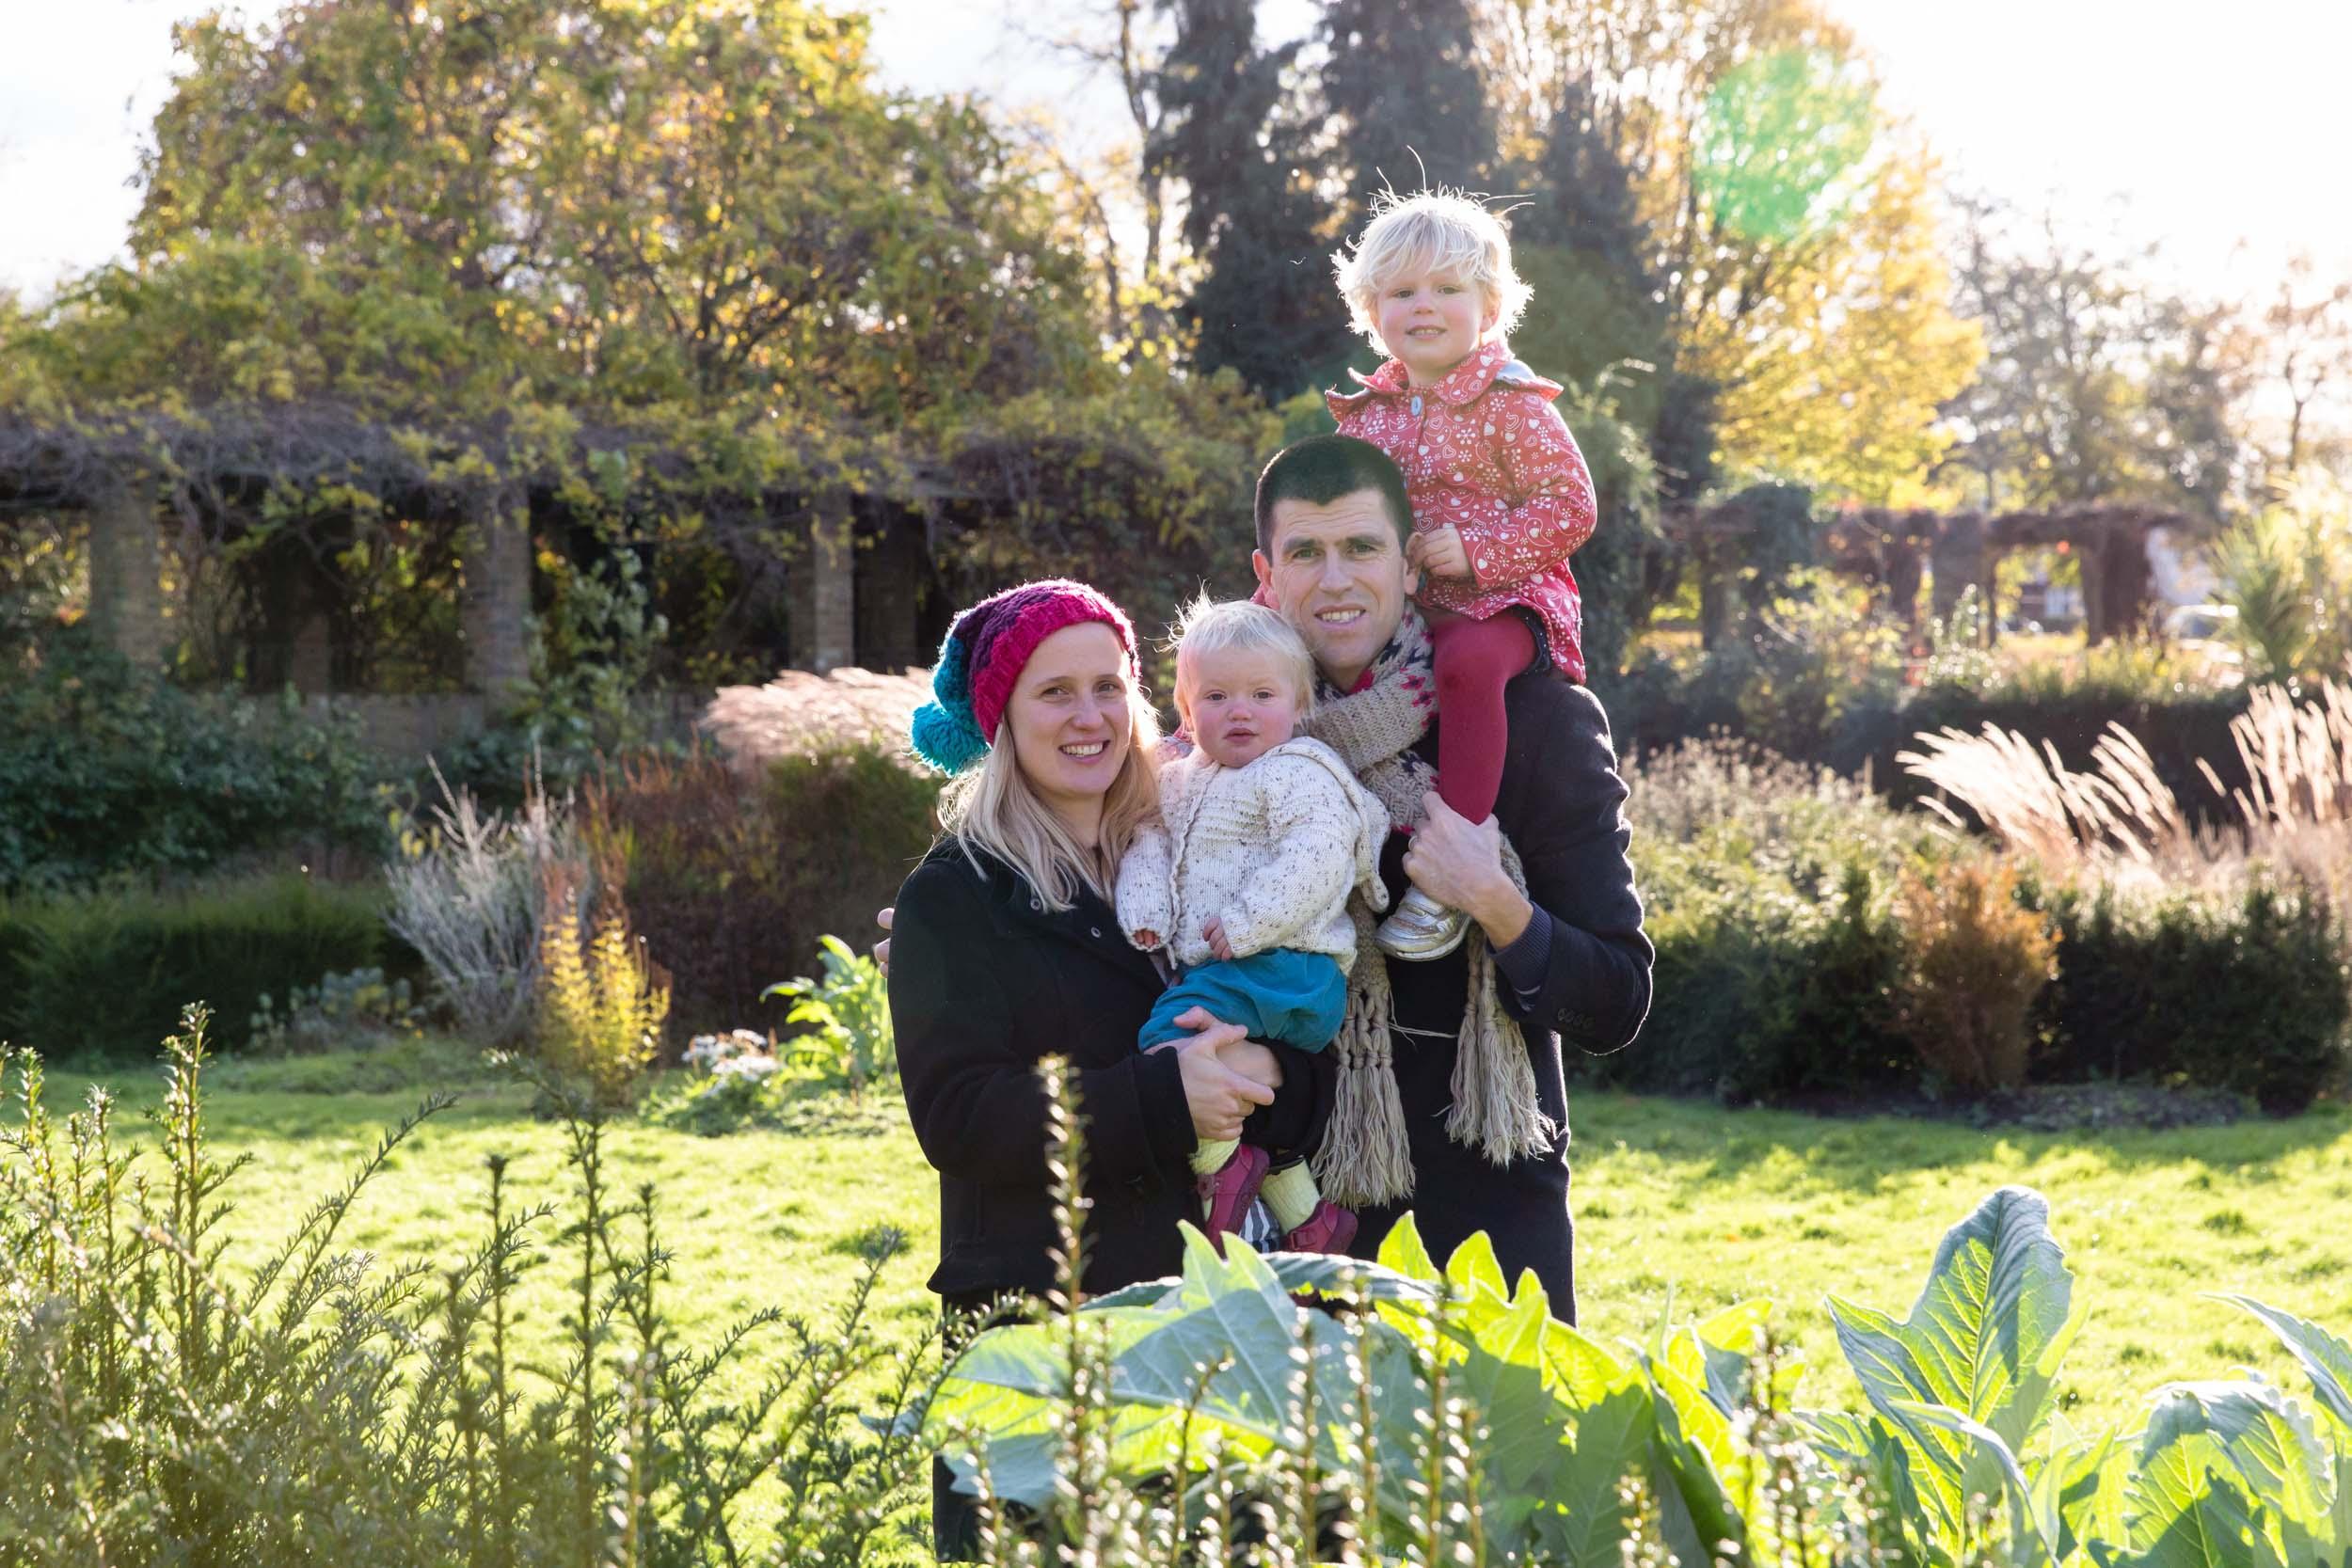 surrey family portrait photographer